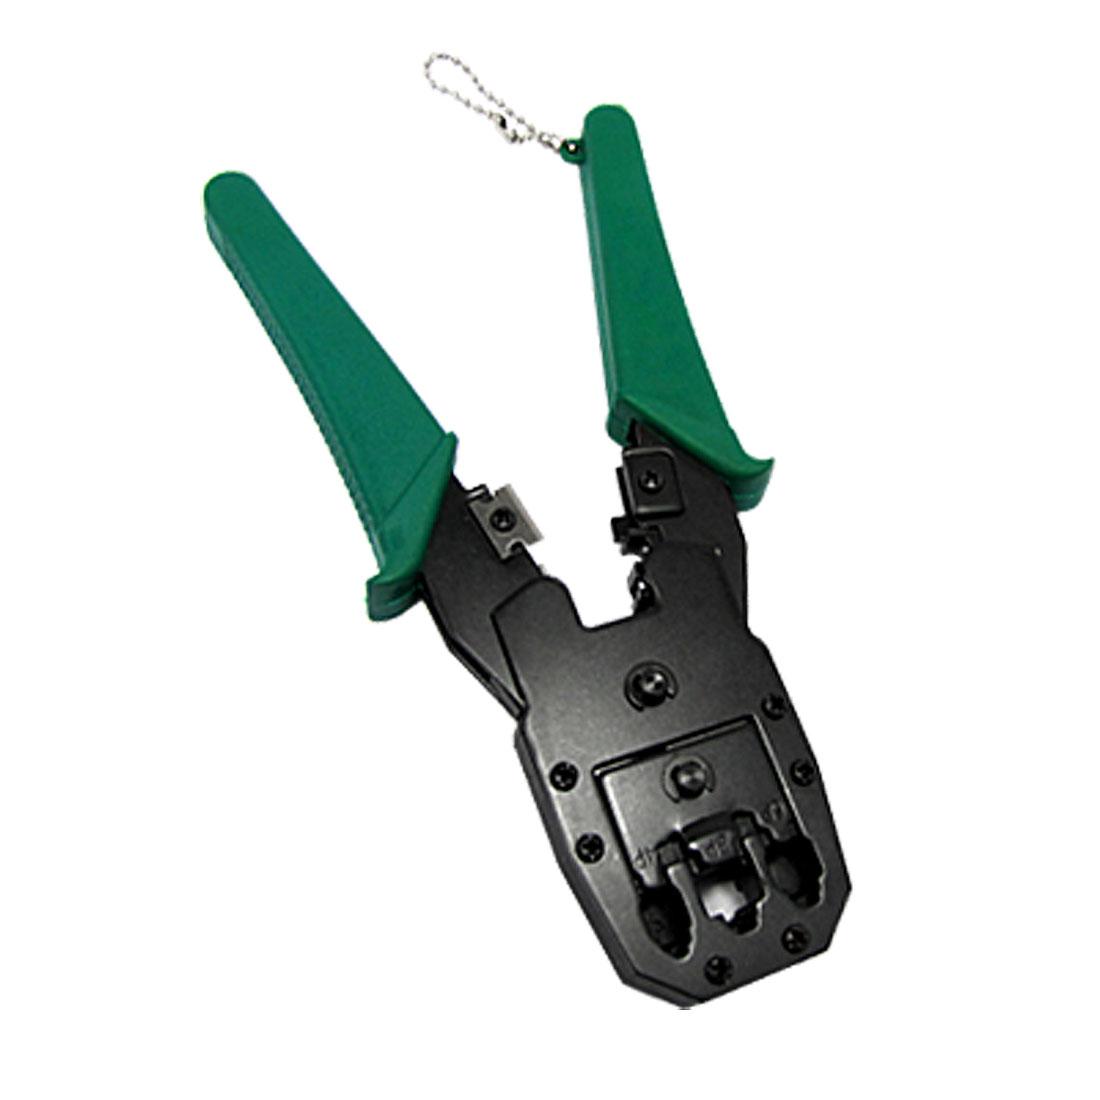 RJ45 RJ11 RJ12 Network Crimper Crimping Pliers Tool